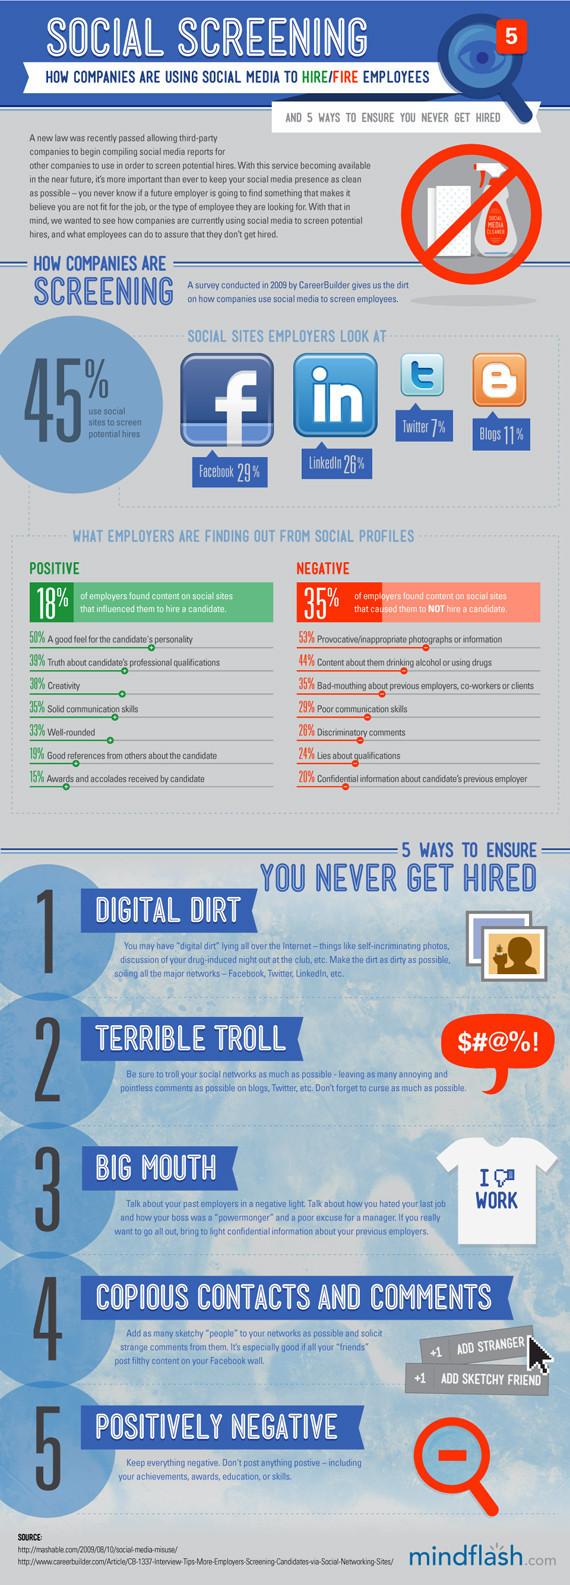 Cómo las empresas usan FaceBook para contratar y despedir trabajadores